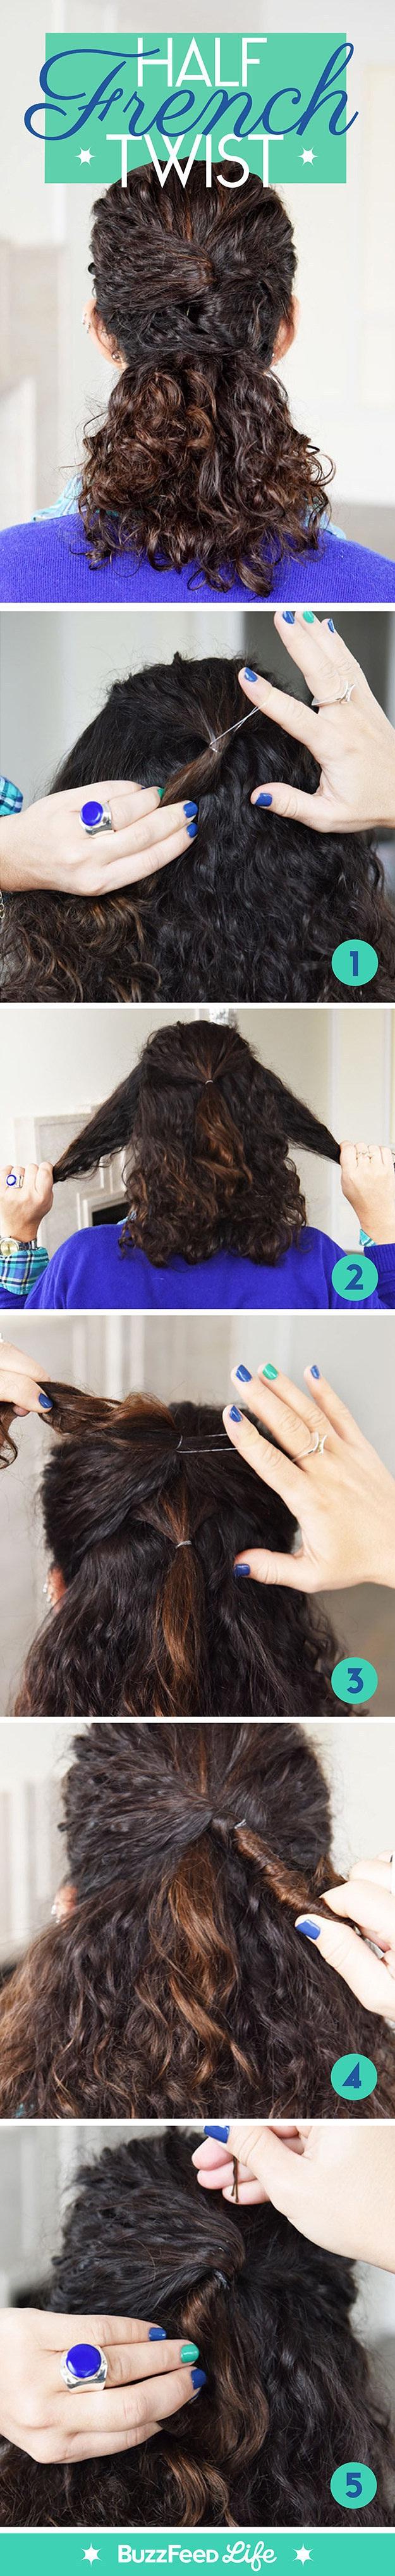 Coiffures-Pratiques-Sur-Cheveux-Bouclés-6